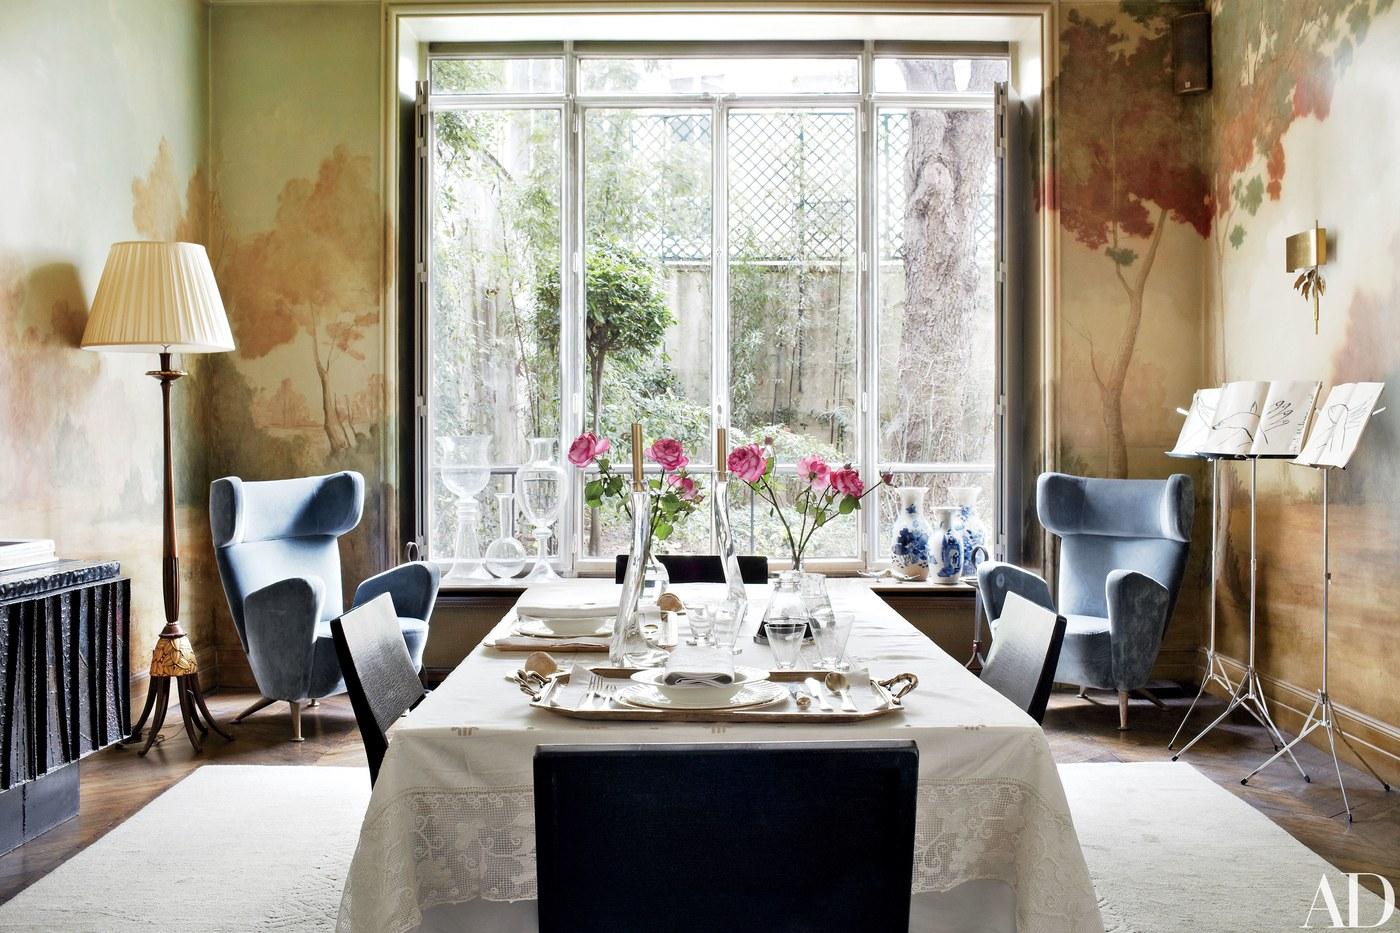 Best Kitchen Gallery: Decor Inspiration Eclectic Paris Apartment Stefano Pilati Hello of Paris Apartment  on rachelxblog.com